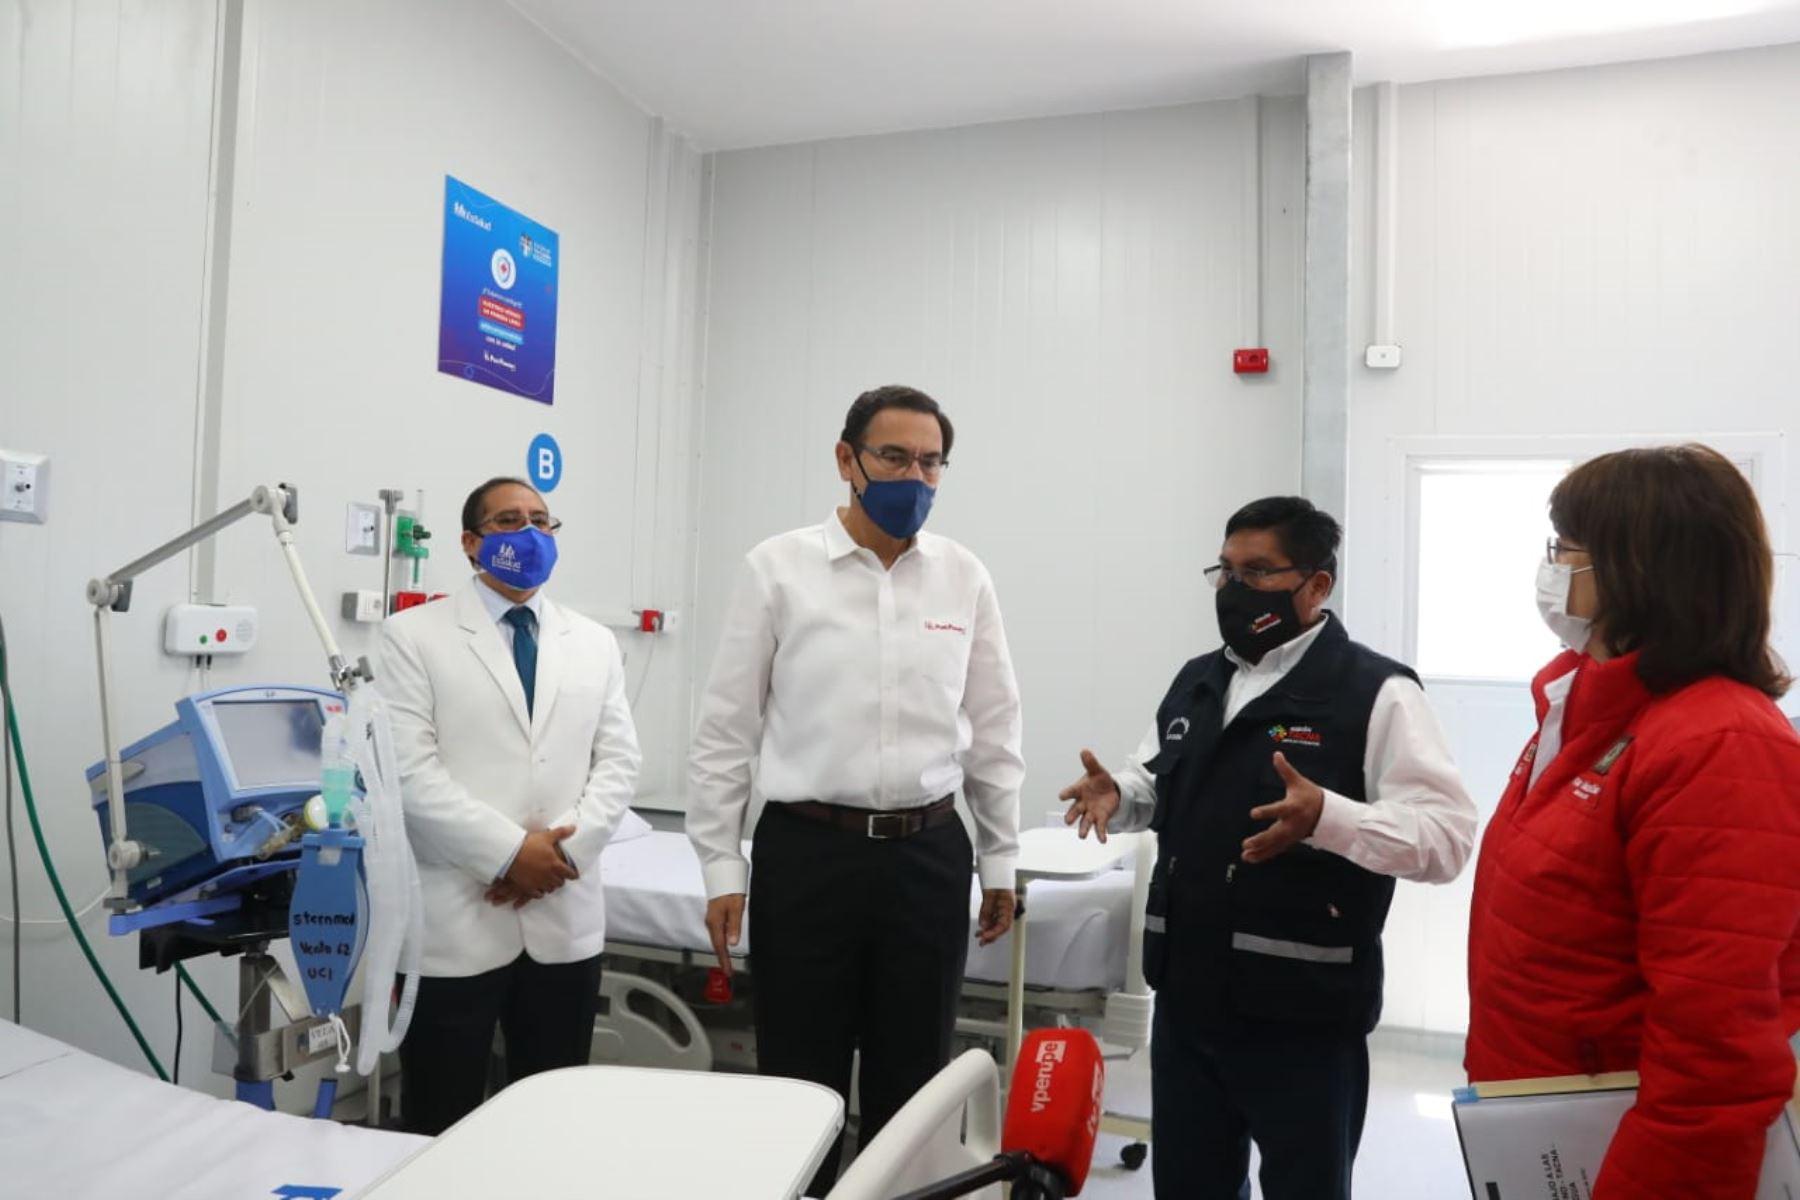 Presidente Martín Vizcarra inspecciona Hospital Viñani de Essalud en Tacna. Lo acompaña la ministra de Salud Pilar Mazzetti. Foto: ANDINA/Prensa Presidencia